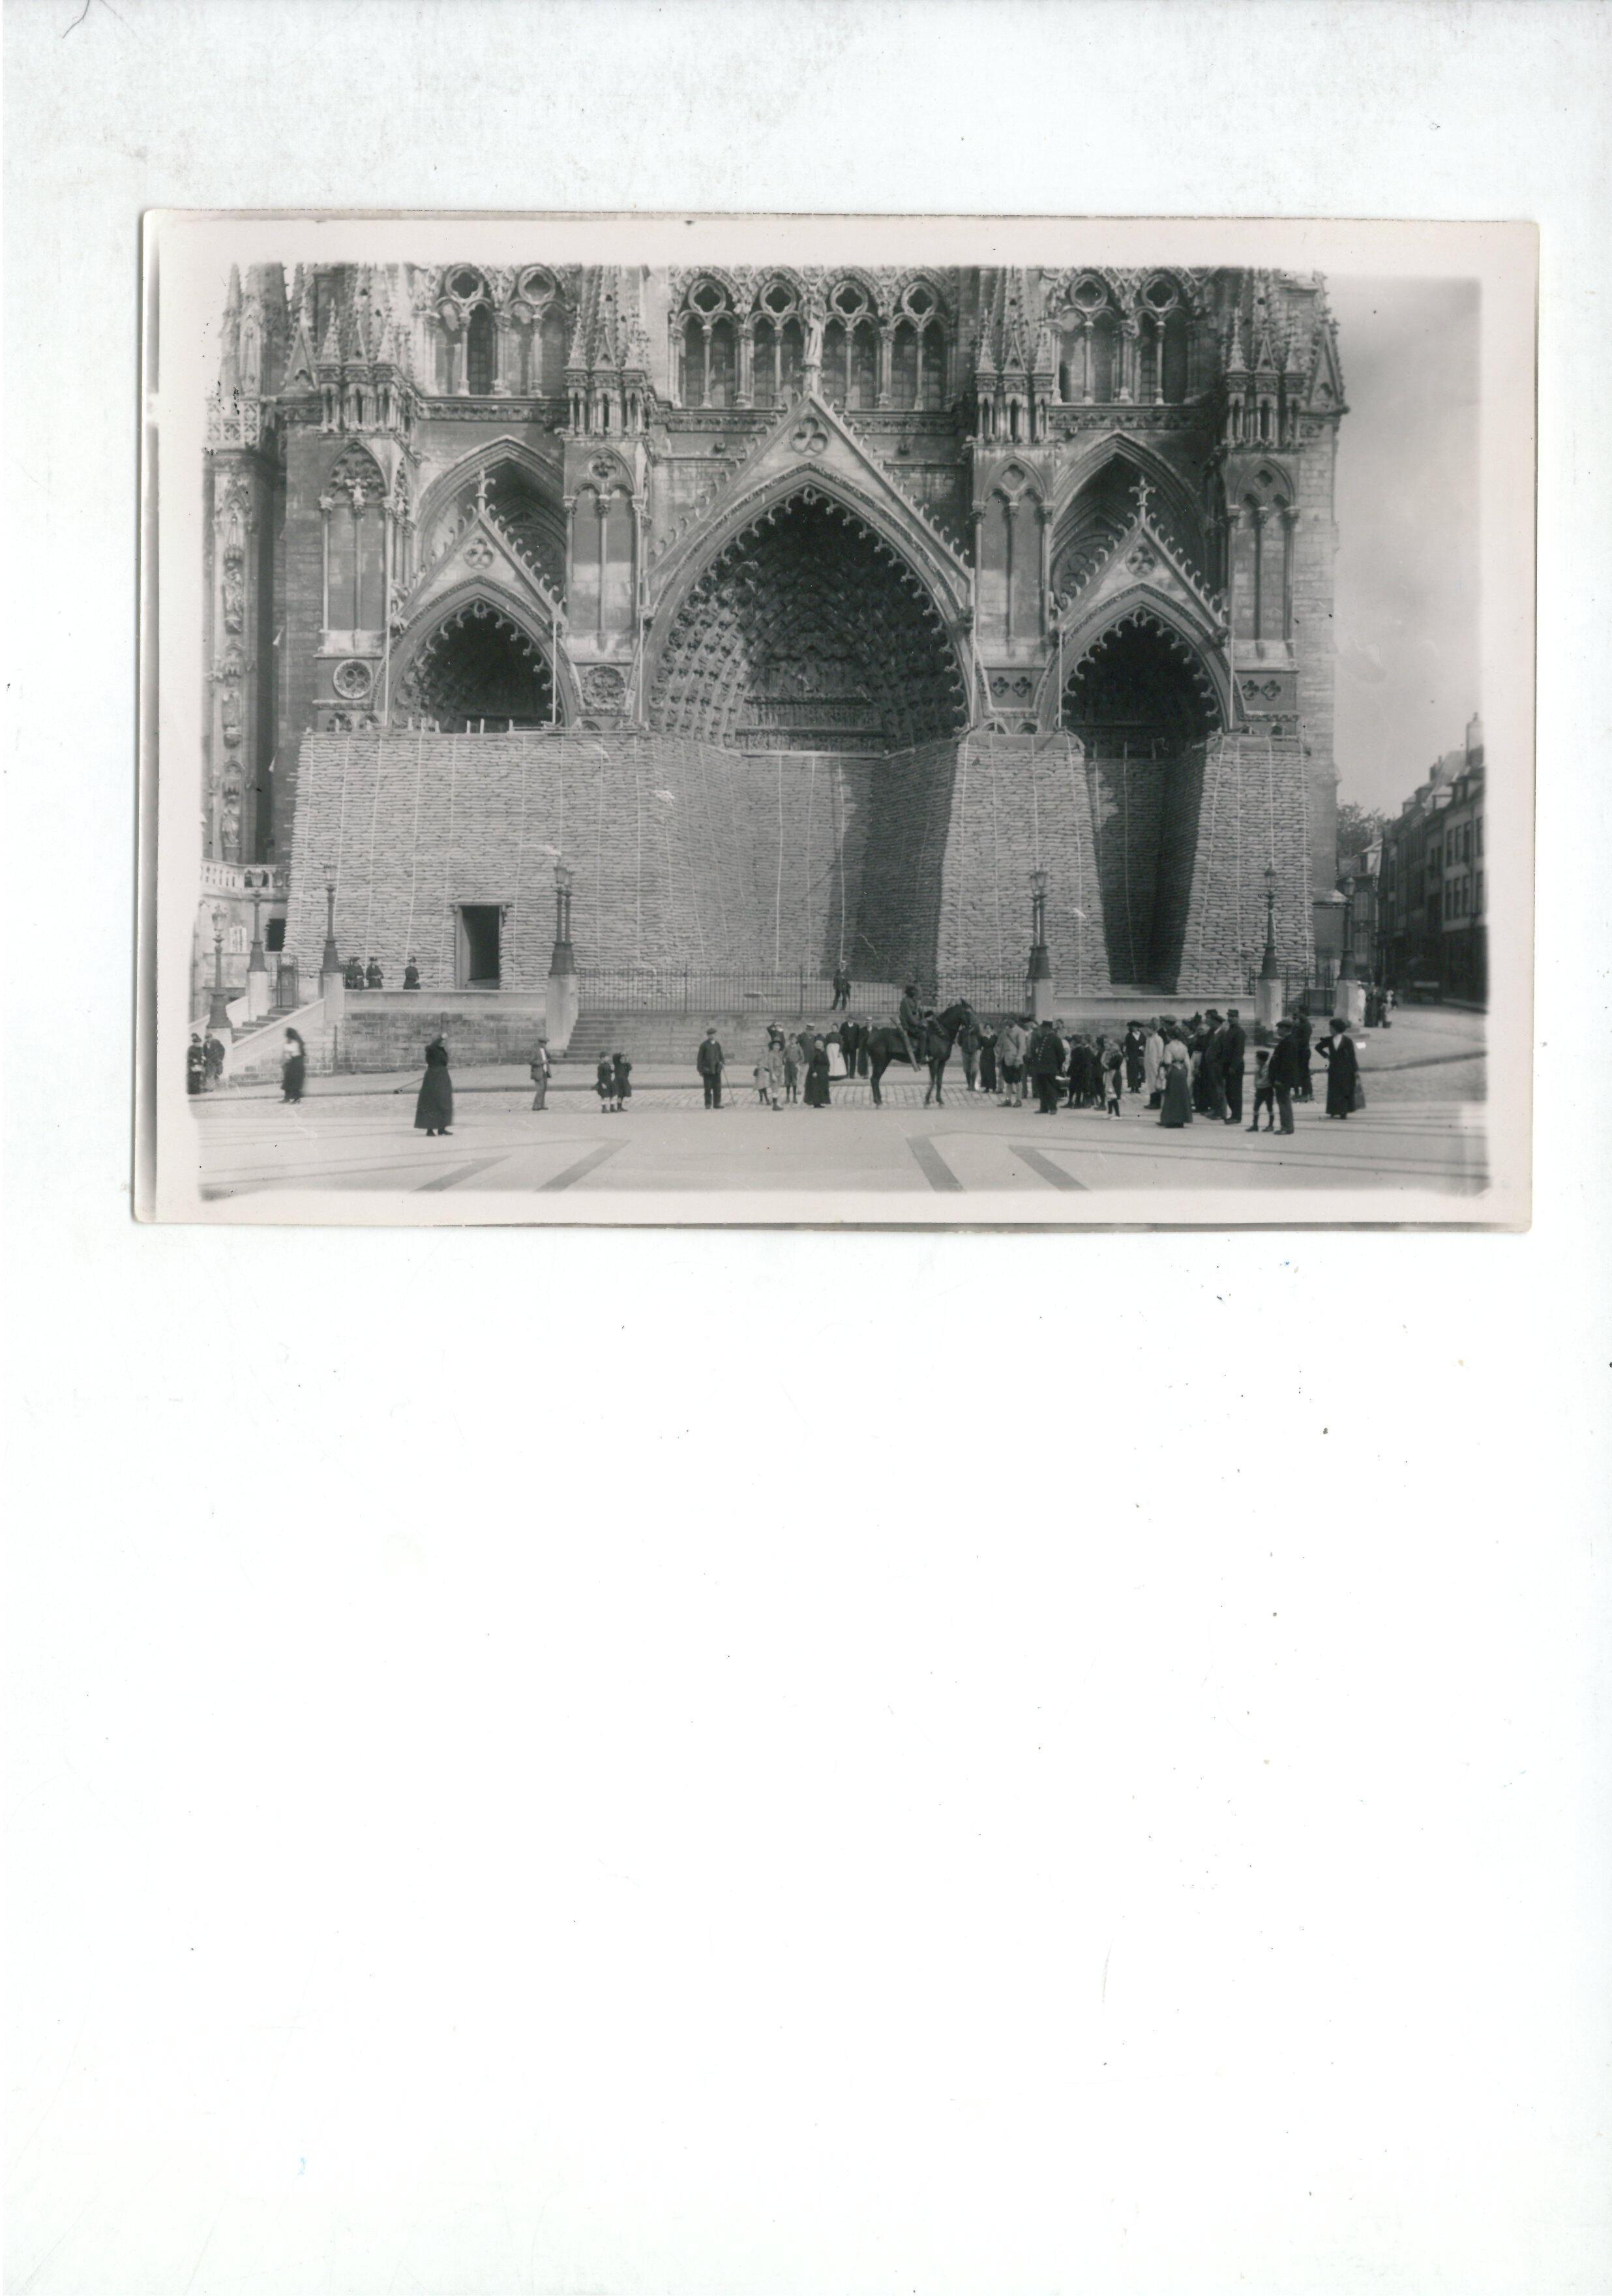 Mặt tiền Nhà Thờ Đức Bà Amiens và lớp vỏ bọc bảo vệ trong thời Thế Chiến I. Ảnh : 1915-1918.